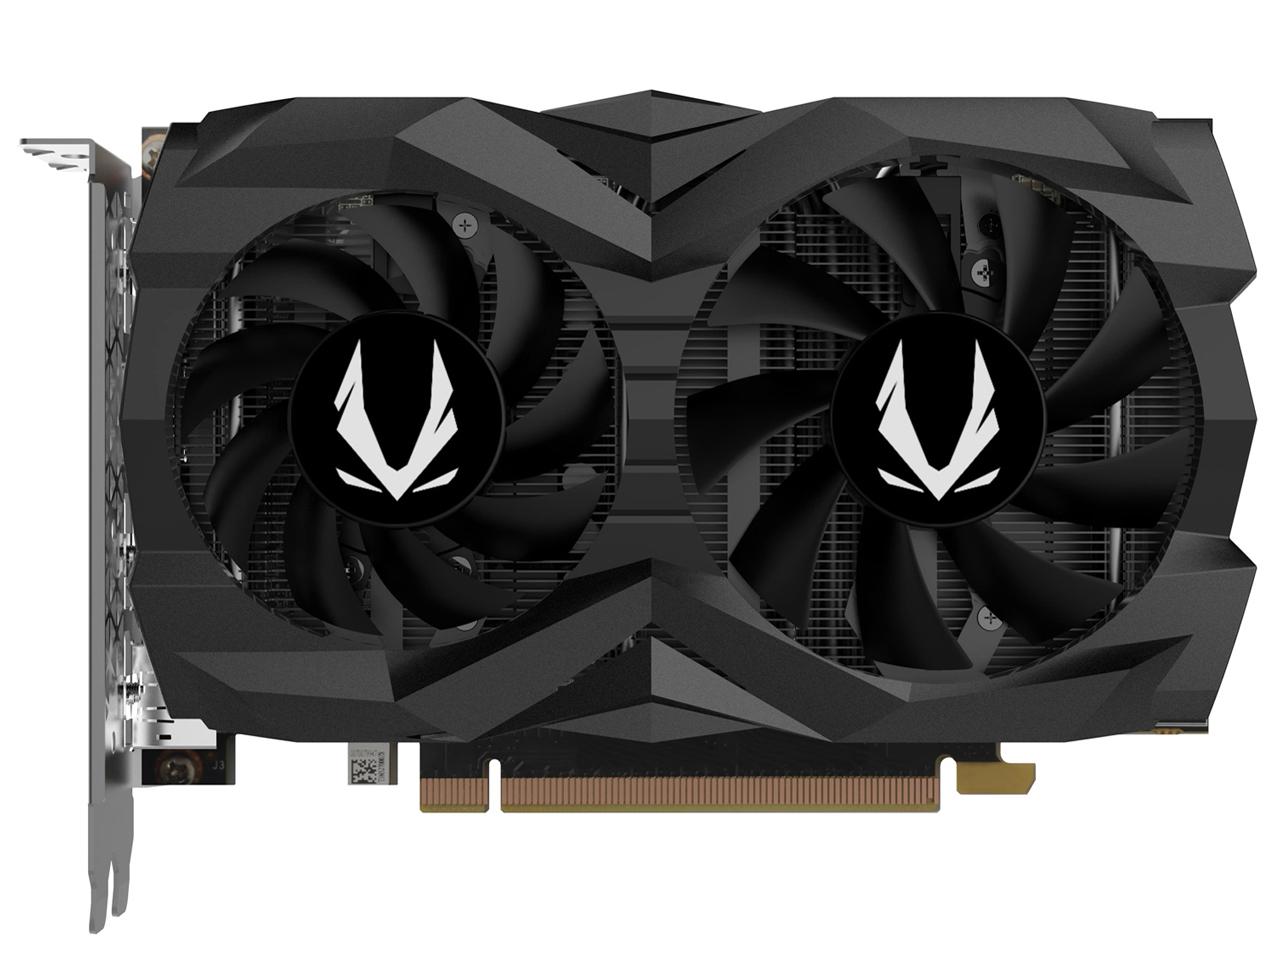 『本体1』 ZOTAC GAMING GeForce GTX 1660 6GB GDDR5 ZT-T16600F-10L [PCIExp 6GB] の製品画像